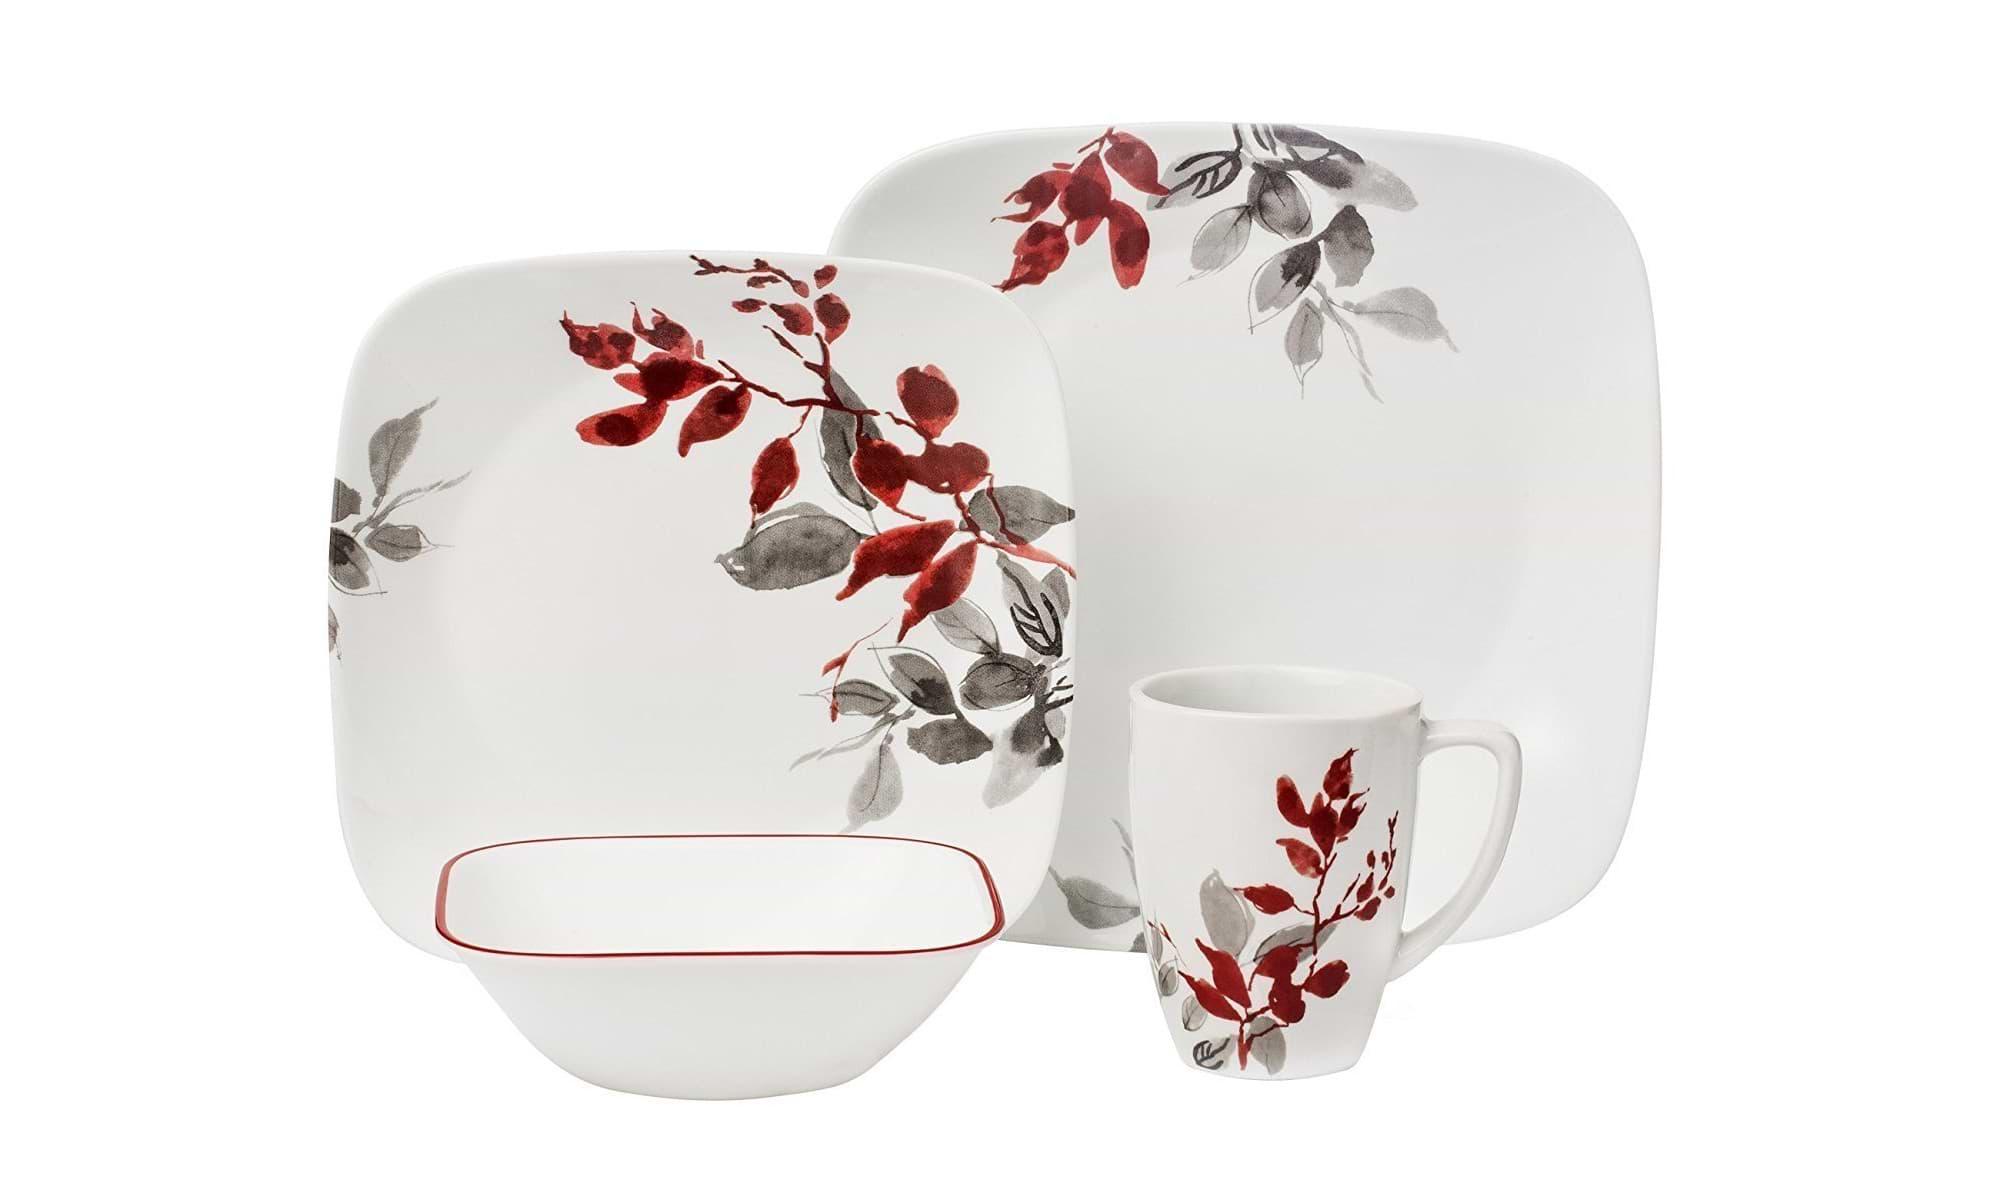 Corelle Geschirr - Set Kyoto Leaves aus Vitrelle-Glas für 4 Personen